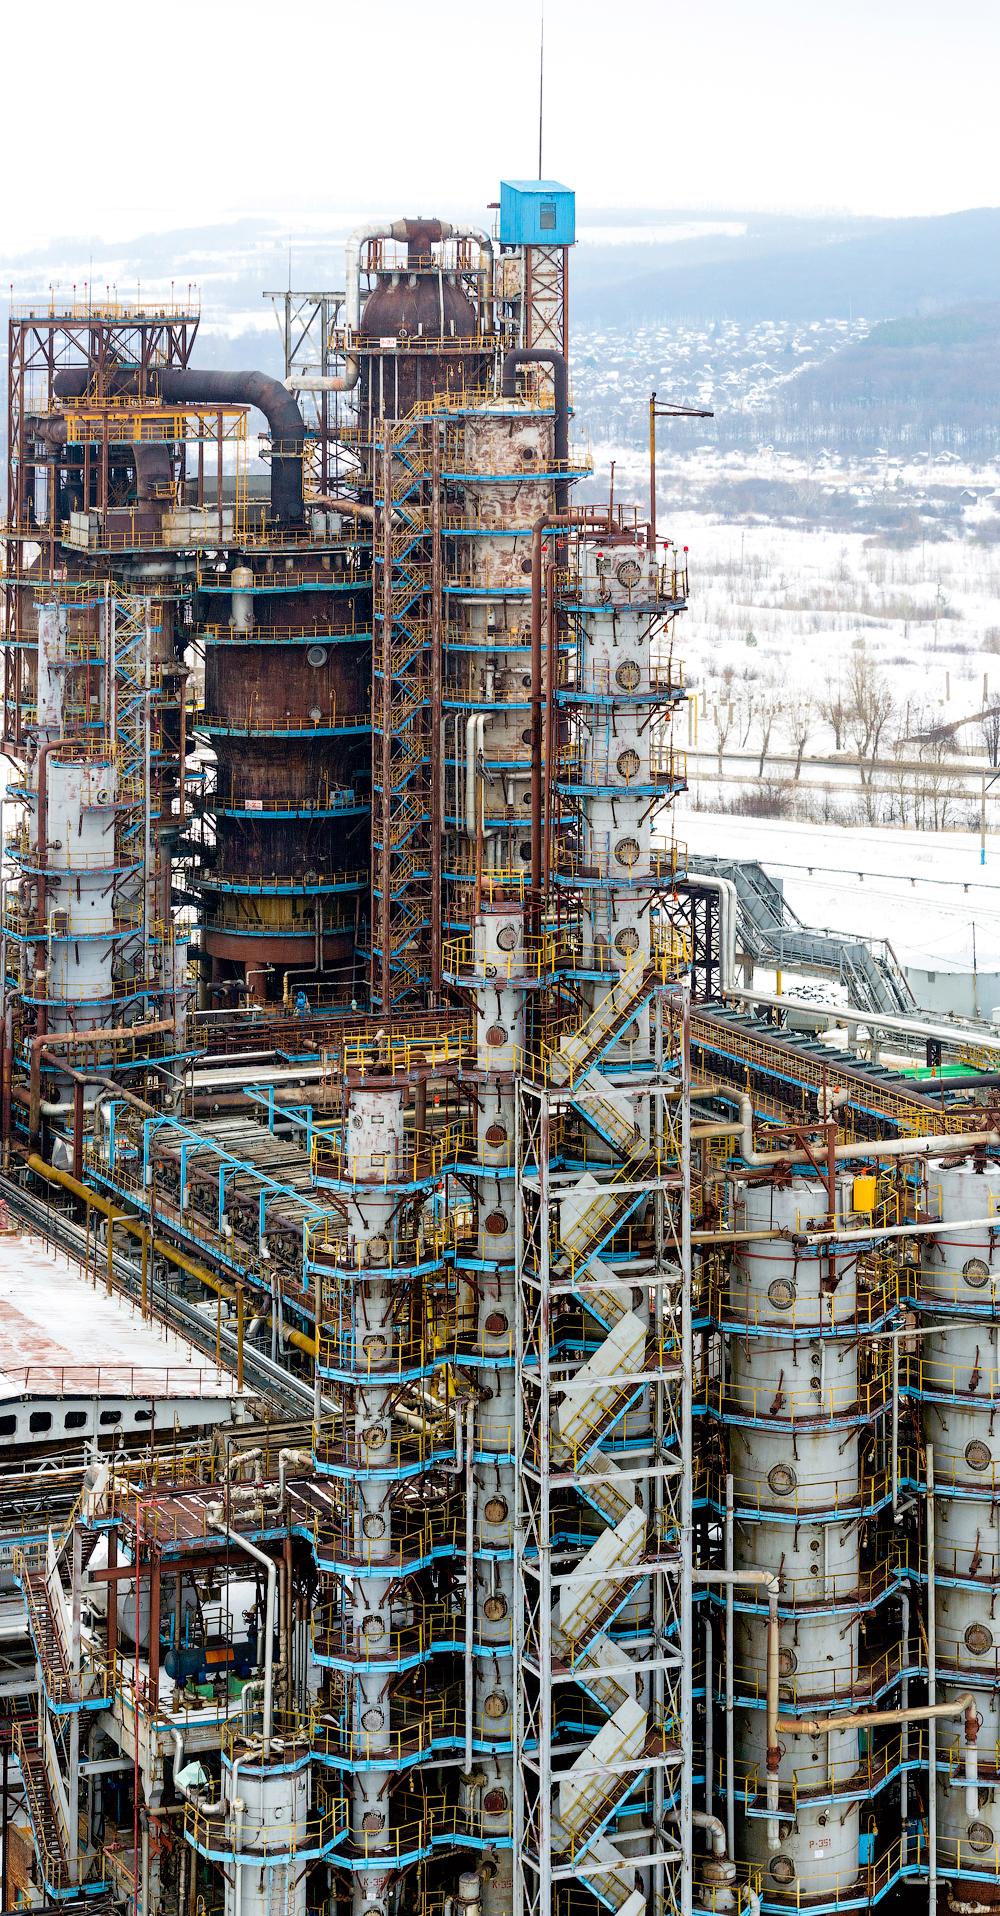 Ukupni kapacitet Bašneftovog kompleksa za rafiniranje nafte iznosi više od 24 milijuna tona godišnje.